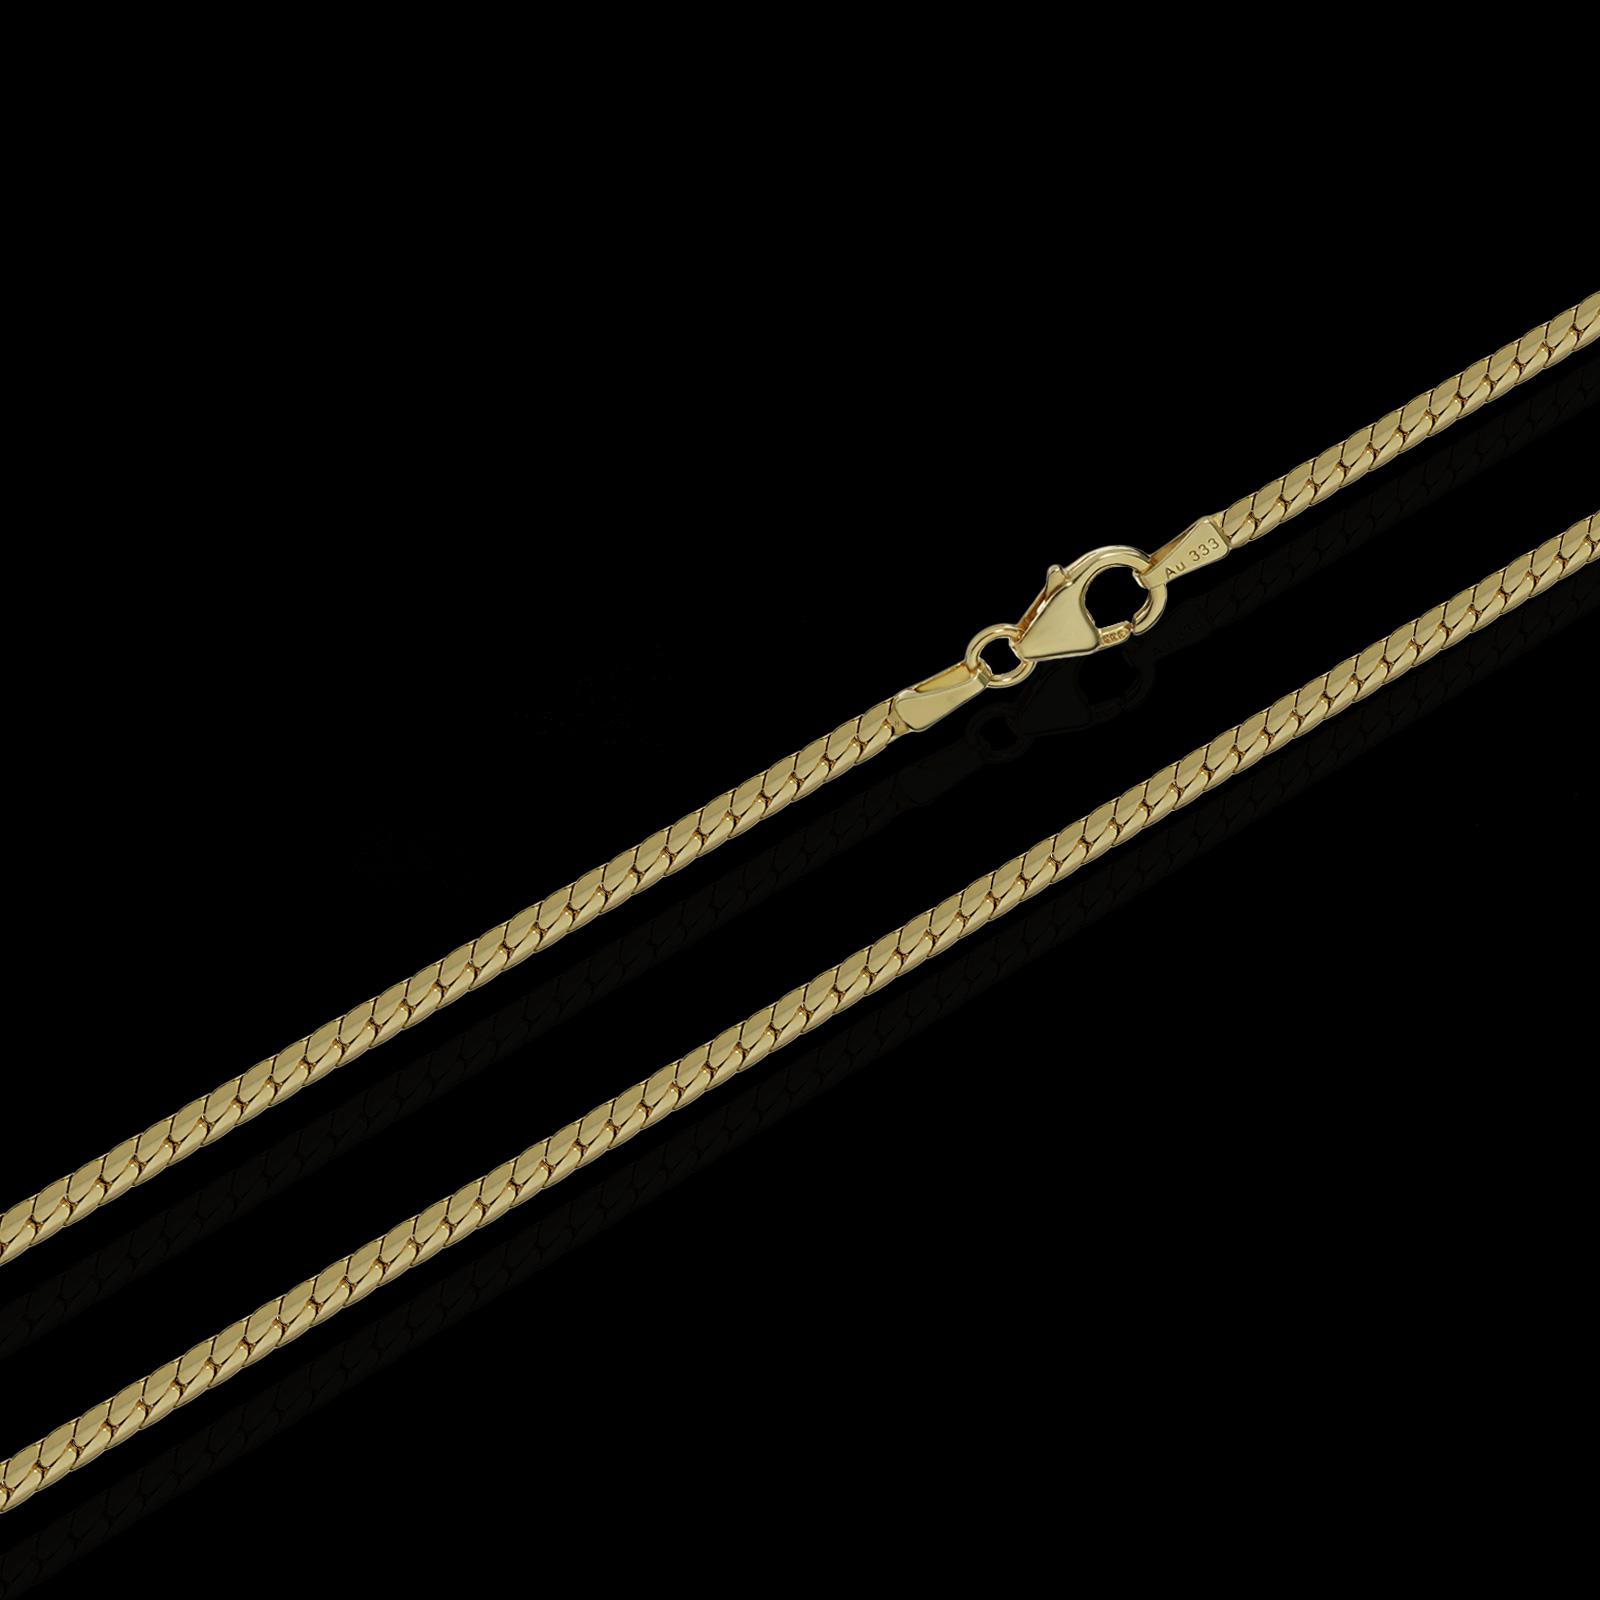 ECHTE-333-gelb-GOLD-KETTE-oder-925-SILBER-KETTE-HERREN-DAMEN-HALSKETTE-COLLIER